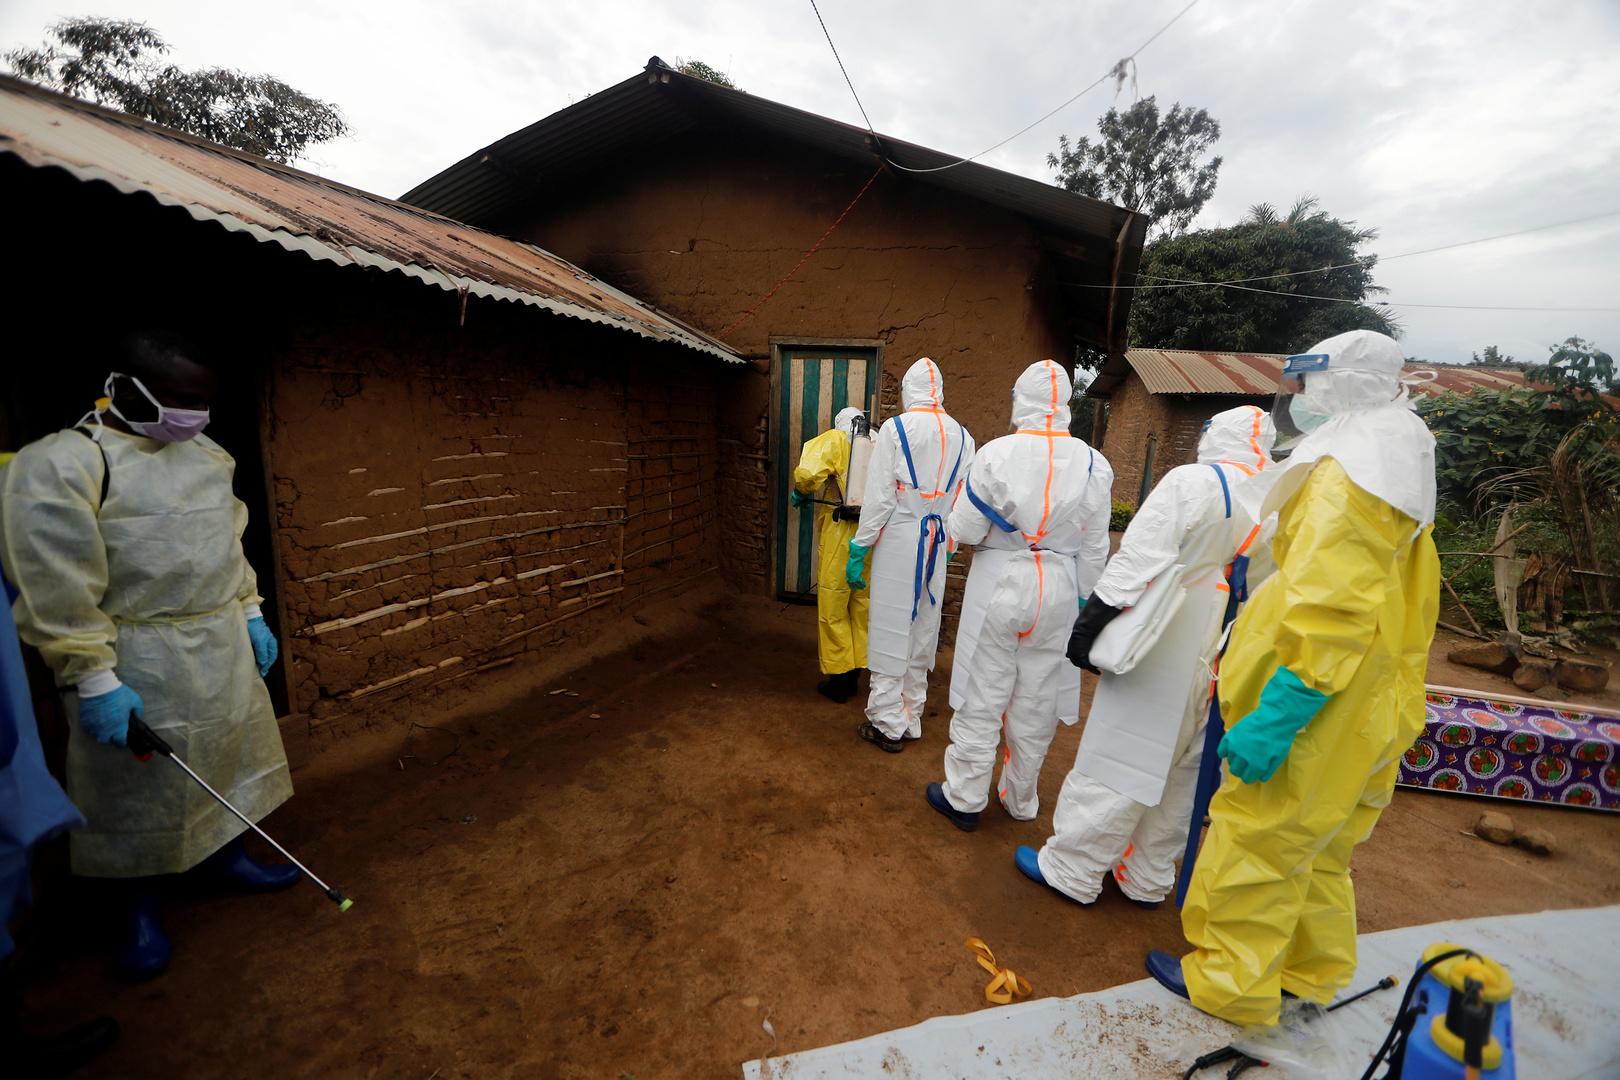 موظفون طبيون في مدينة بني شرق جمهورية كونغو الديمقراطية يتفقدون منزلا توفيت فيه سيدة مصابة بفيروس